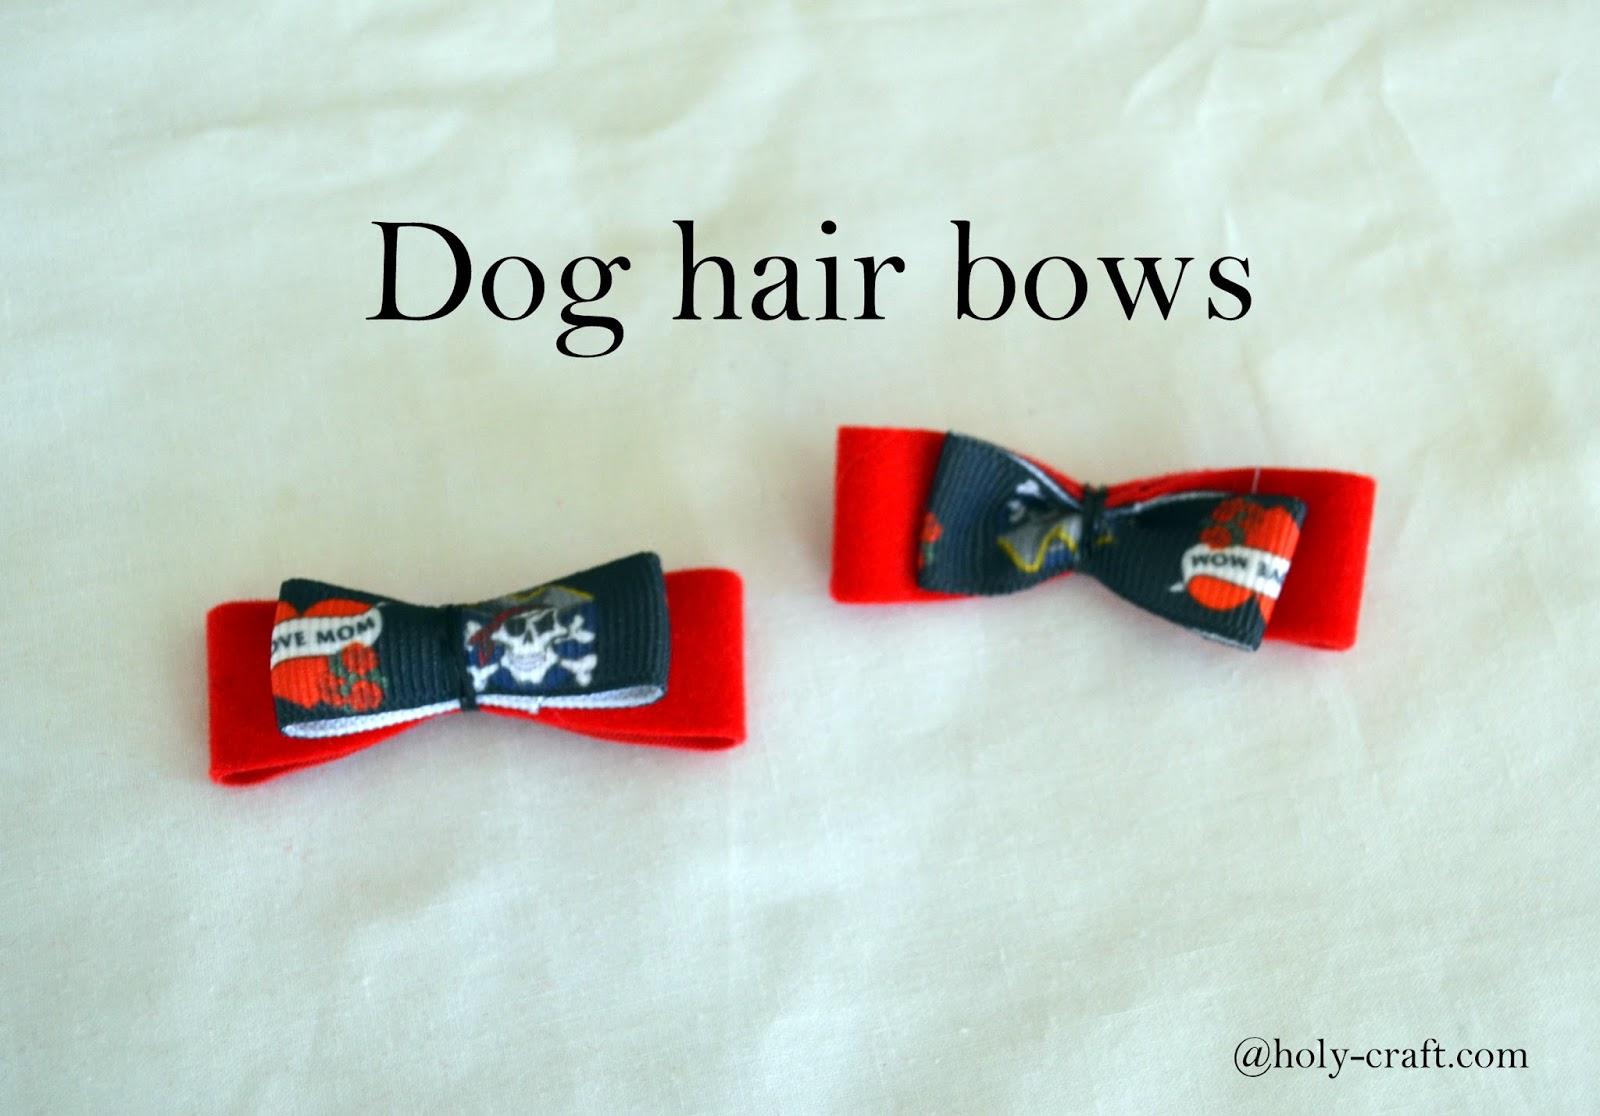 http://3.bp.blogspot.com/-vkuFOBCaOXo/VBNrVPJOrMI/AAAAAAAAcag/j3BM2T2Rgmk/s1600/dog%2Bhair%2Bbows.jpg